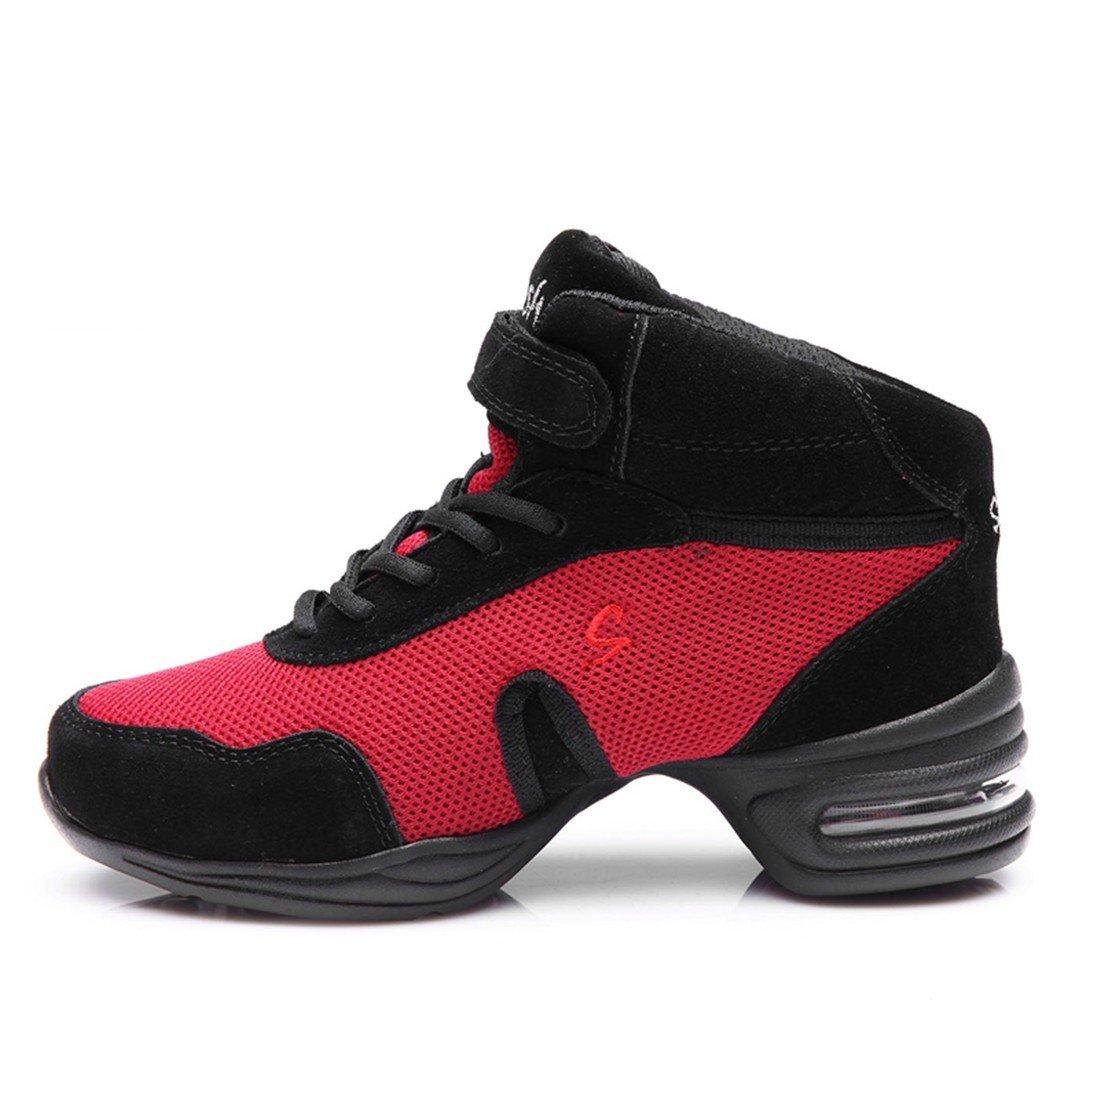 WXMDDN Rote Tanzschuhe Tanzschuhe Männer Männer Tanzschuhe und Frauen Die Maschen Tanz Schuh zu Erhöhen. acb667